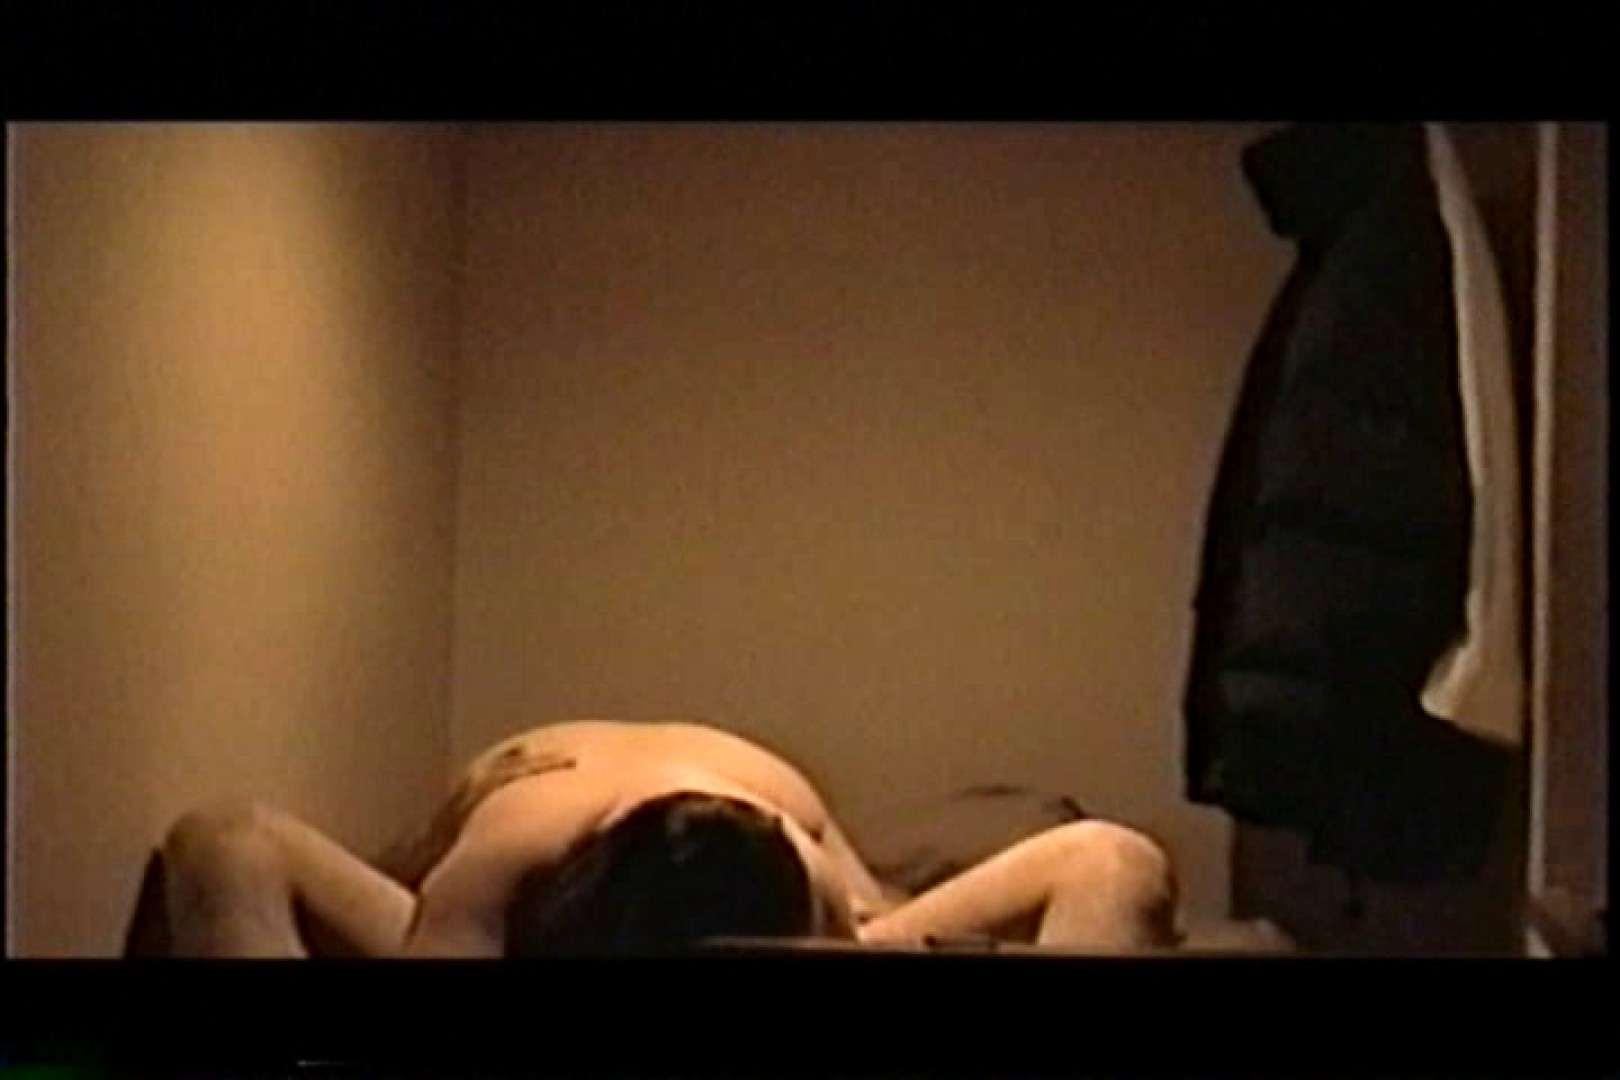 デリ嬢マル秘撮り本物投稿版② 乳首  60pic 20